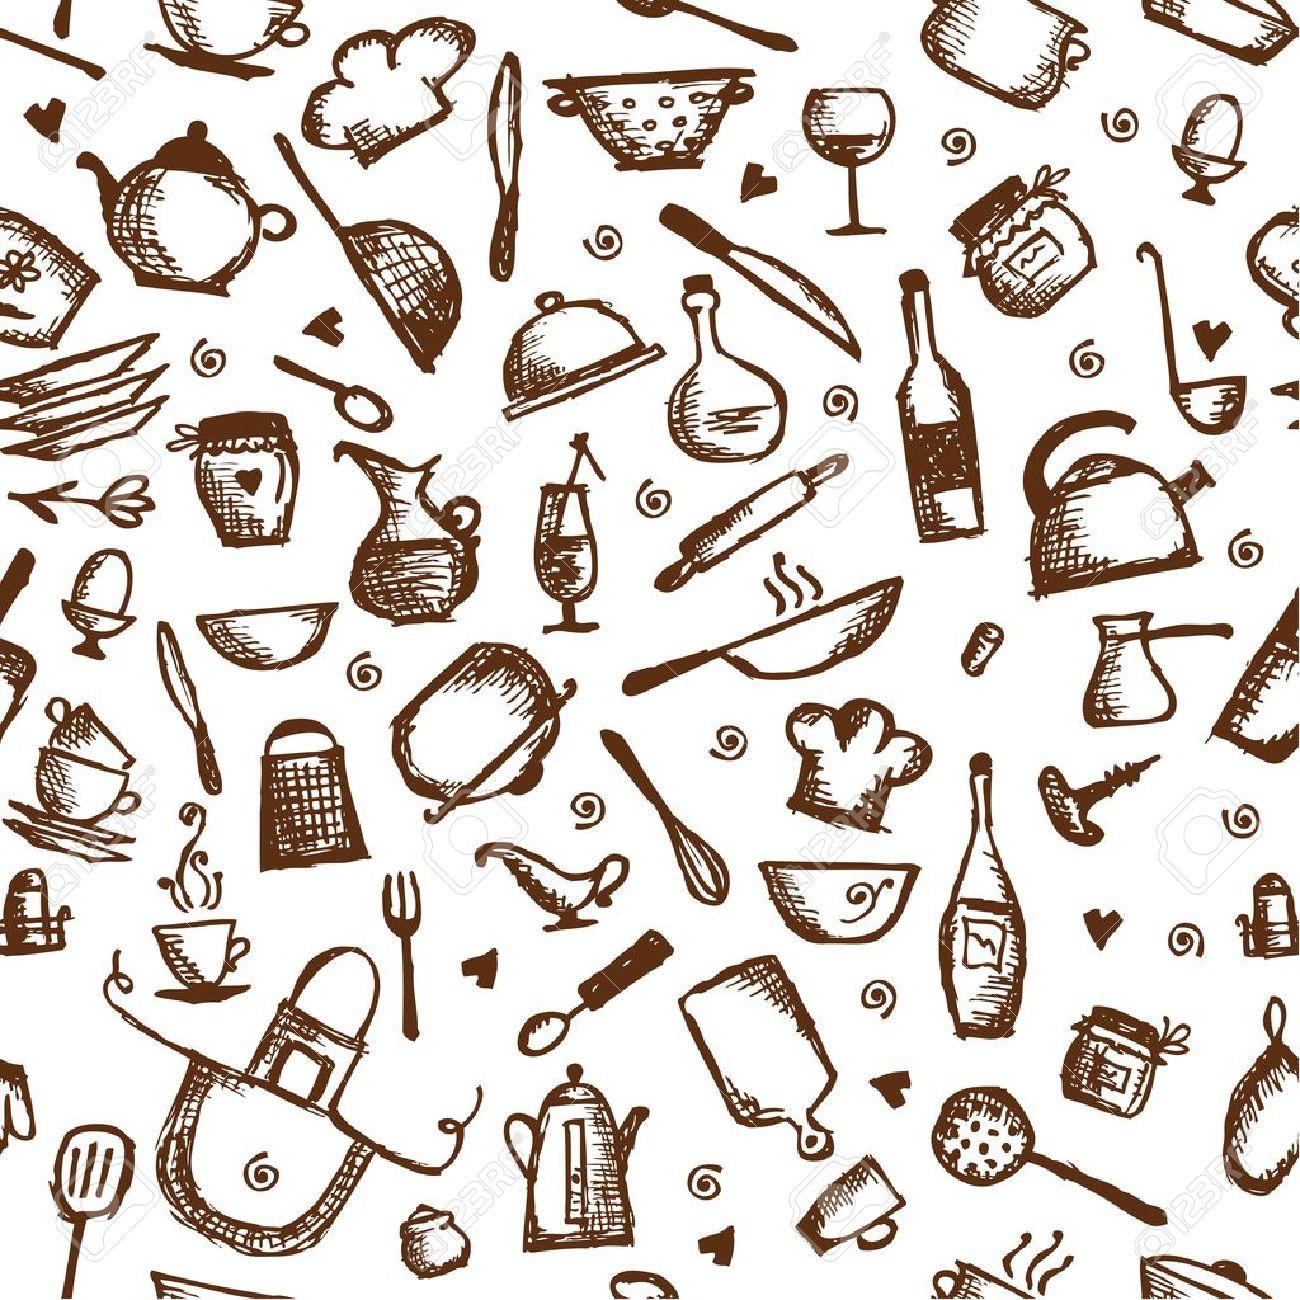 Atemberaubend Küchengeräte Läden Ideen - Küchenschrank Ideen ...